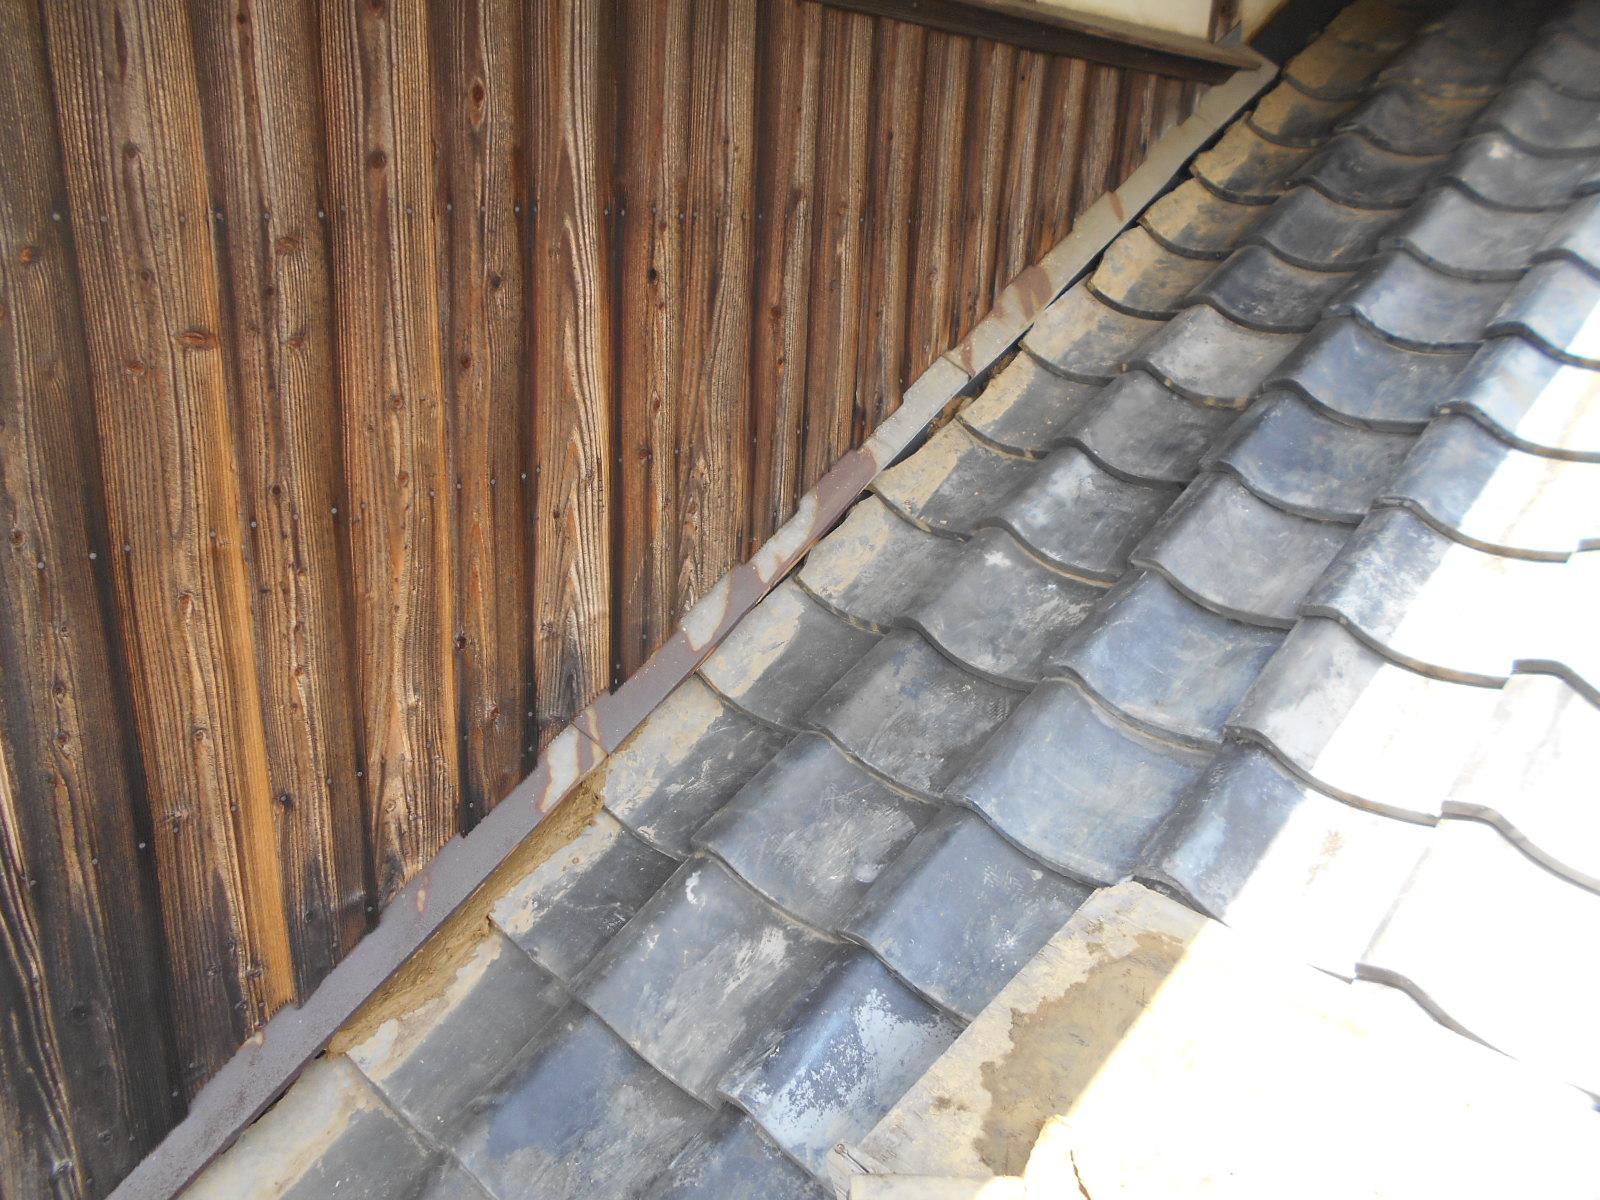 津市安濃町で雨漏り修理